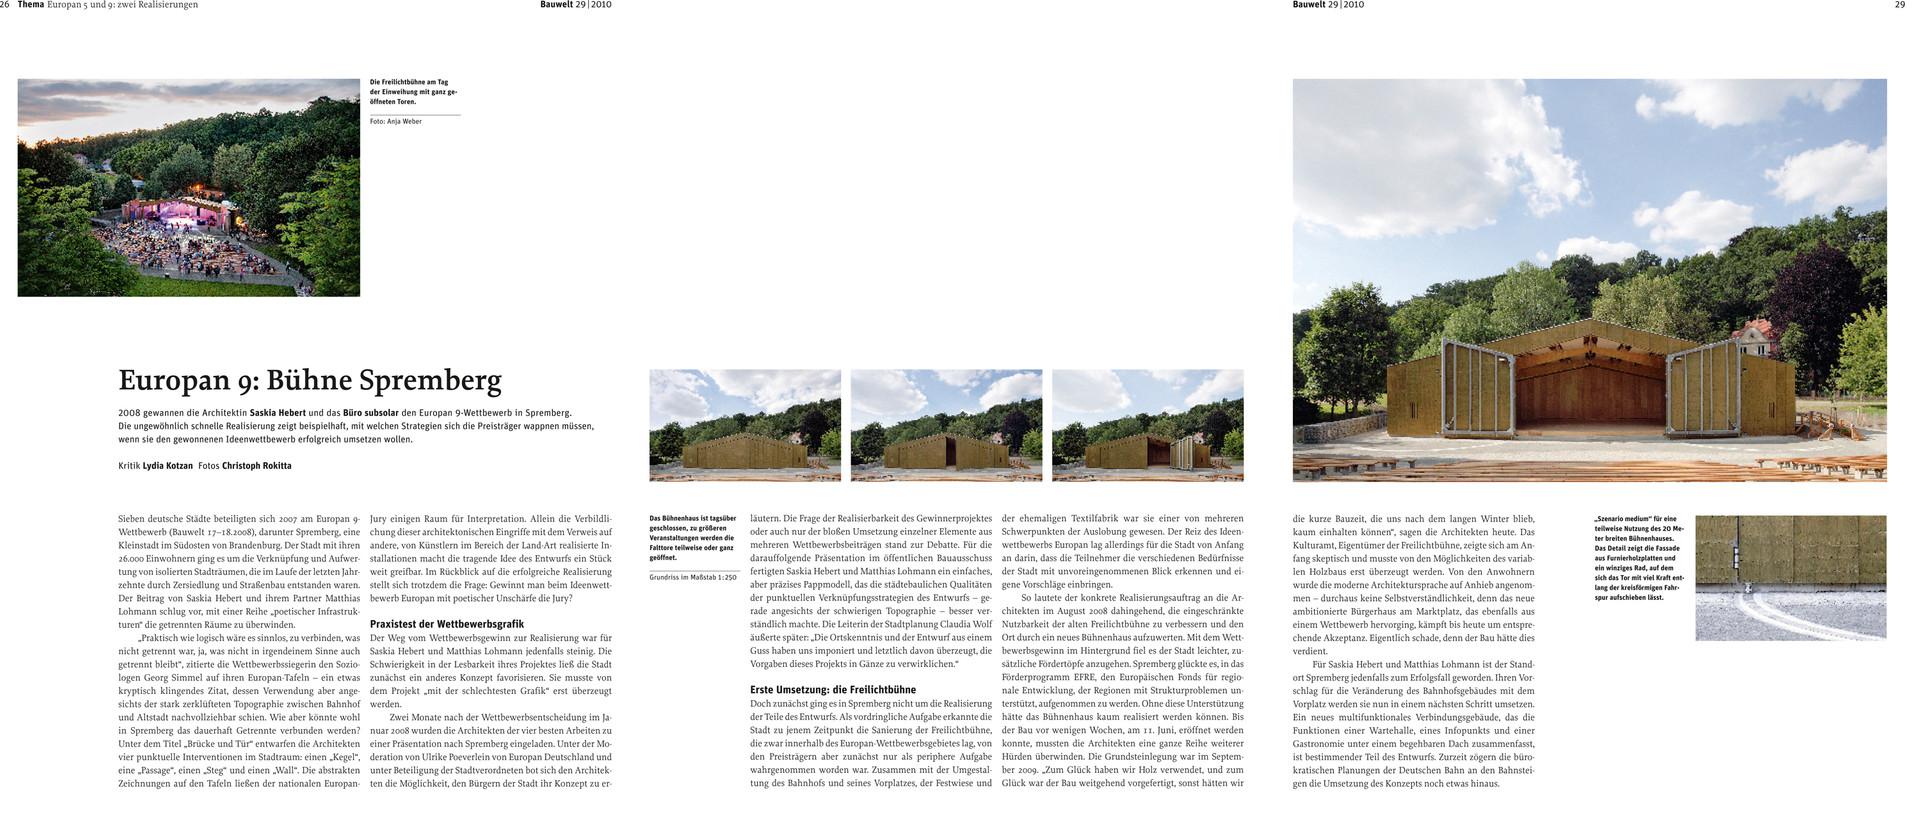 Bauwelt 29.2010-Europan-3000.jpg